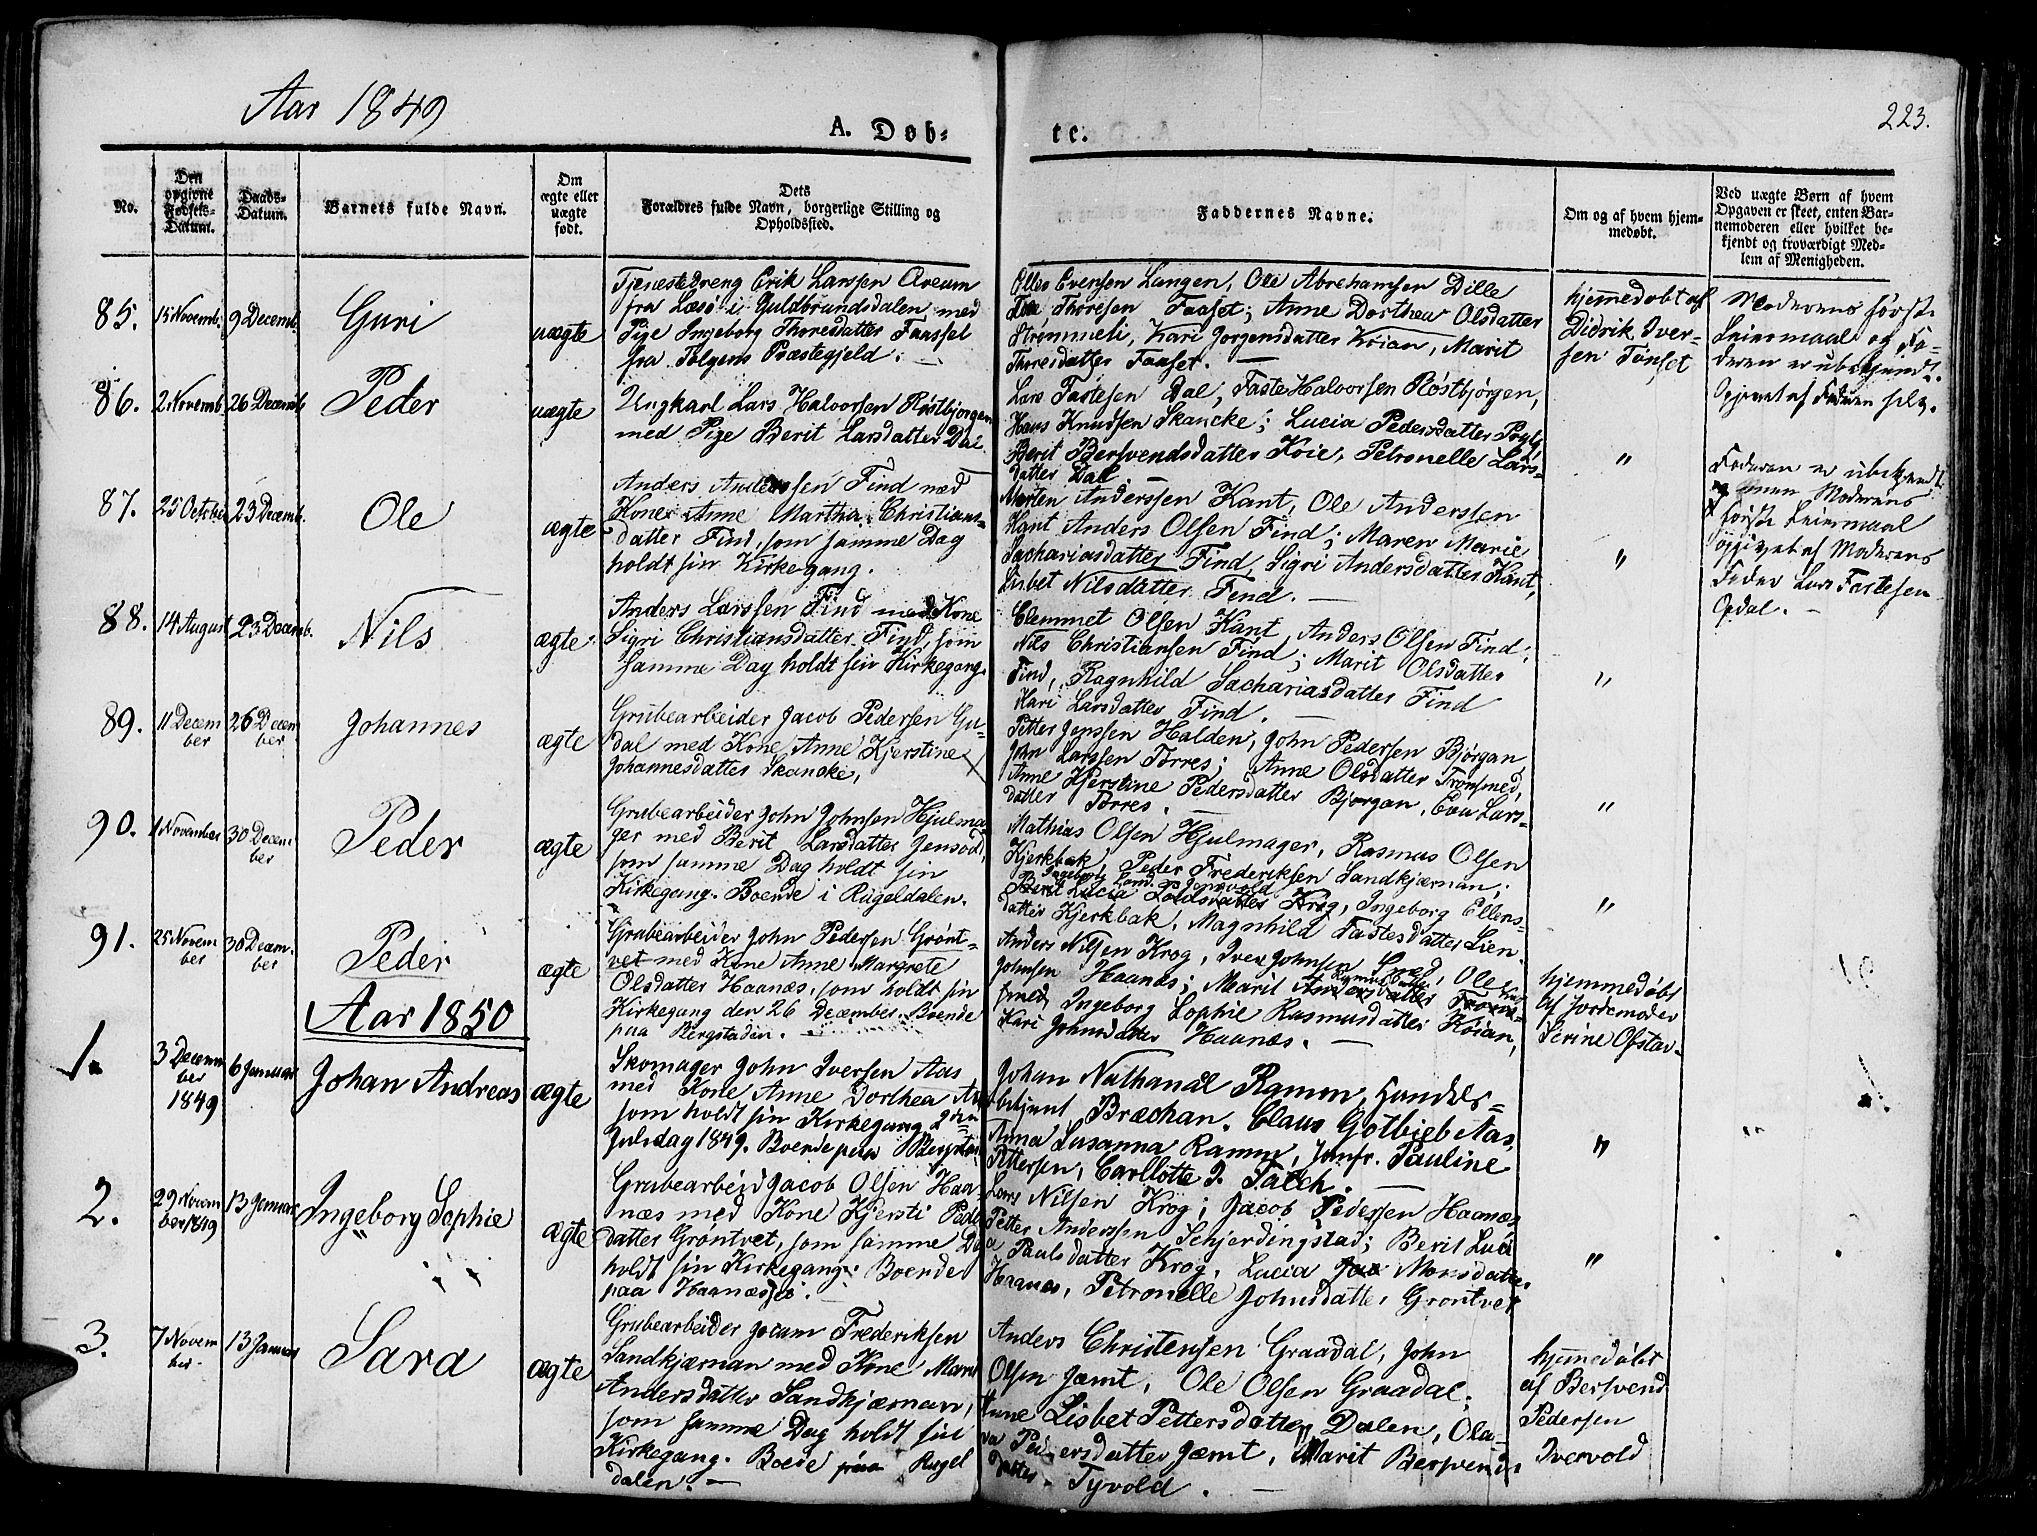 SAT, Ministerialprotokoller, klokkerbøker og fødselsregistre - Sør-Trøndelag, 681/L0938: Klokkerbok nr. 681C02, 1829-1879, s. 223